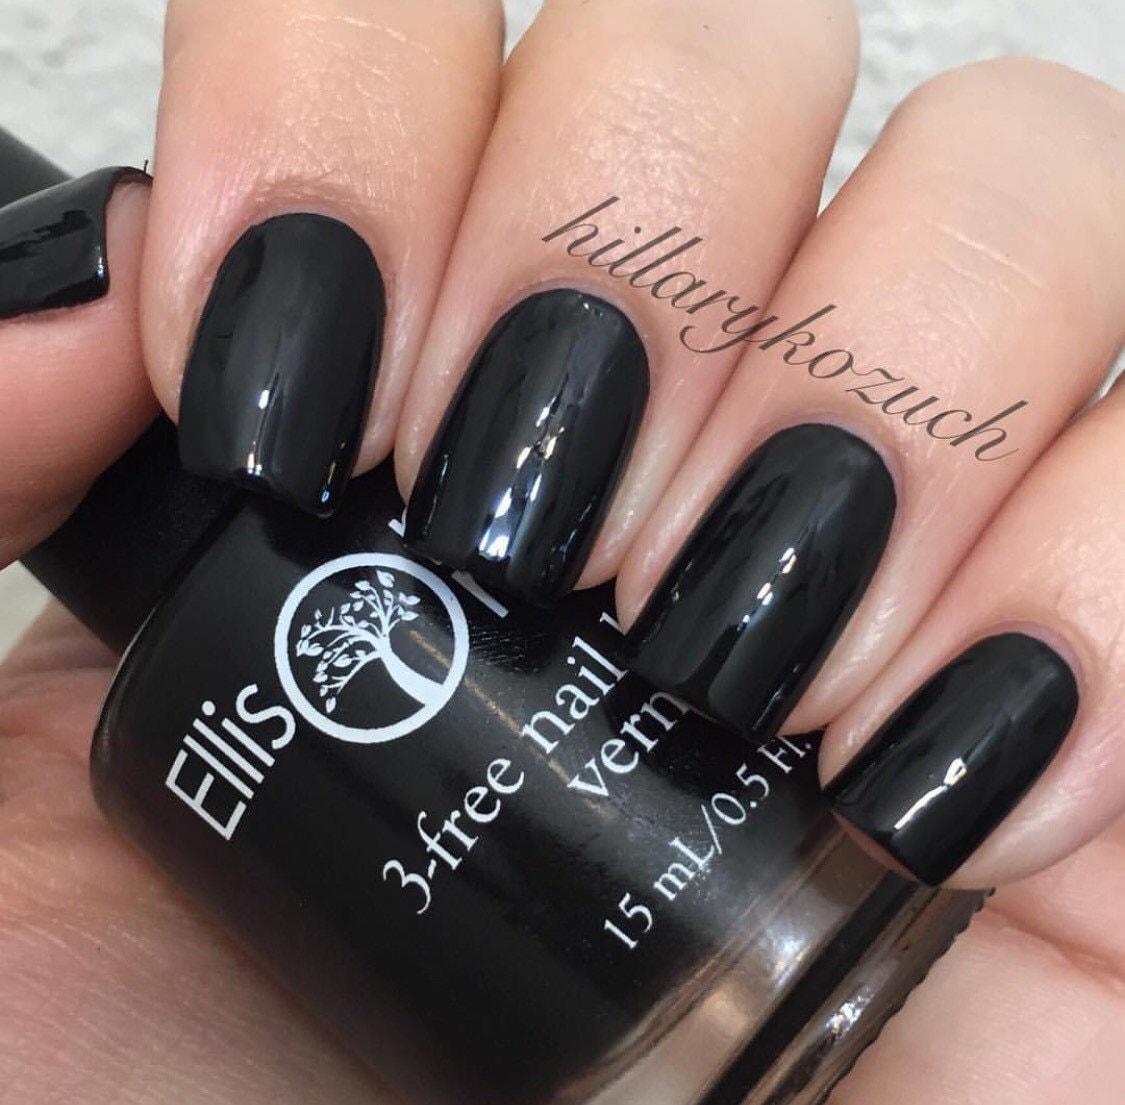 Black Nail Varnish Verruca: Vegan Nail Polish